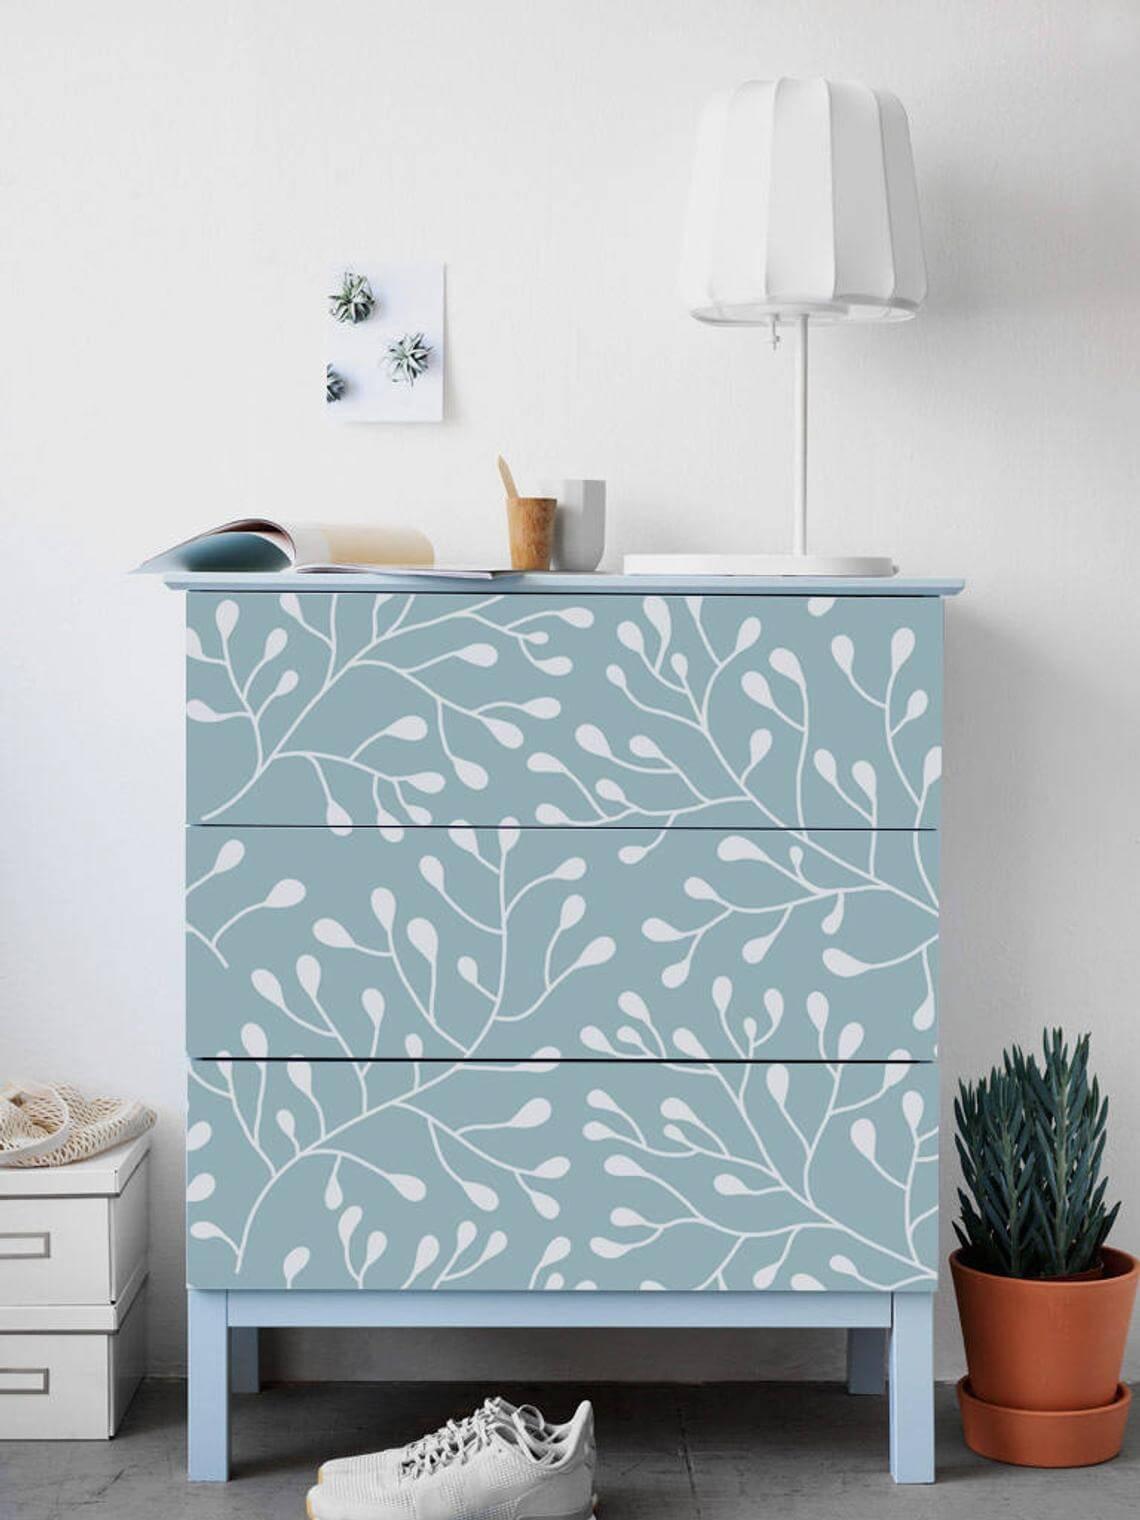 IKEA MALM Dresser Branch Decals